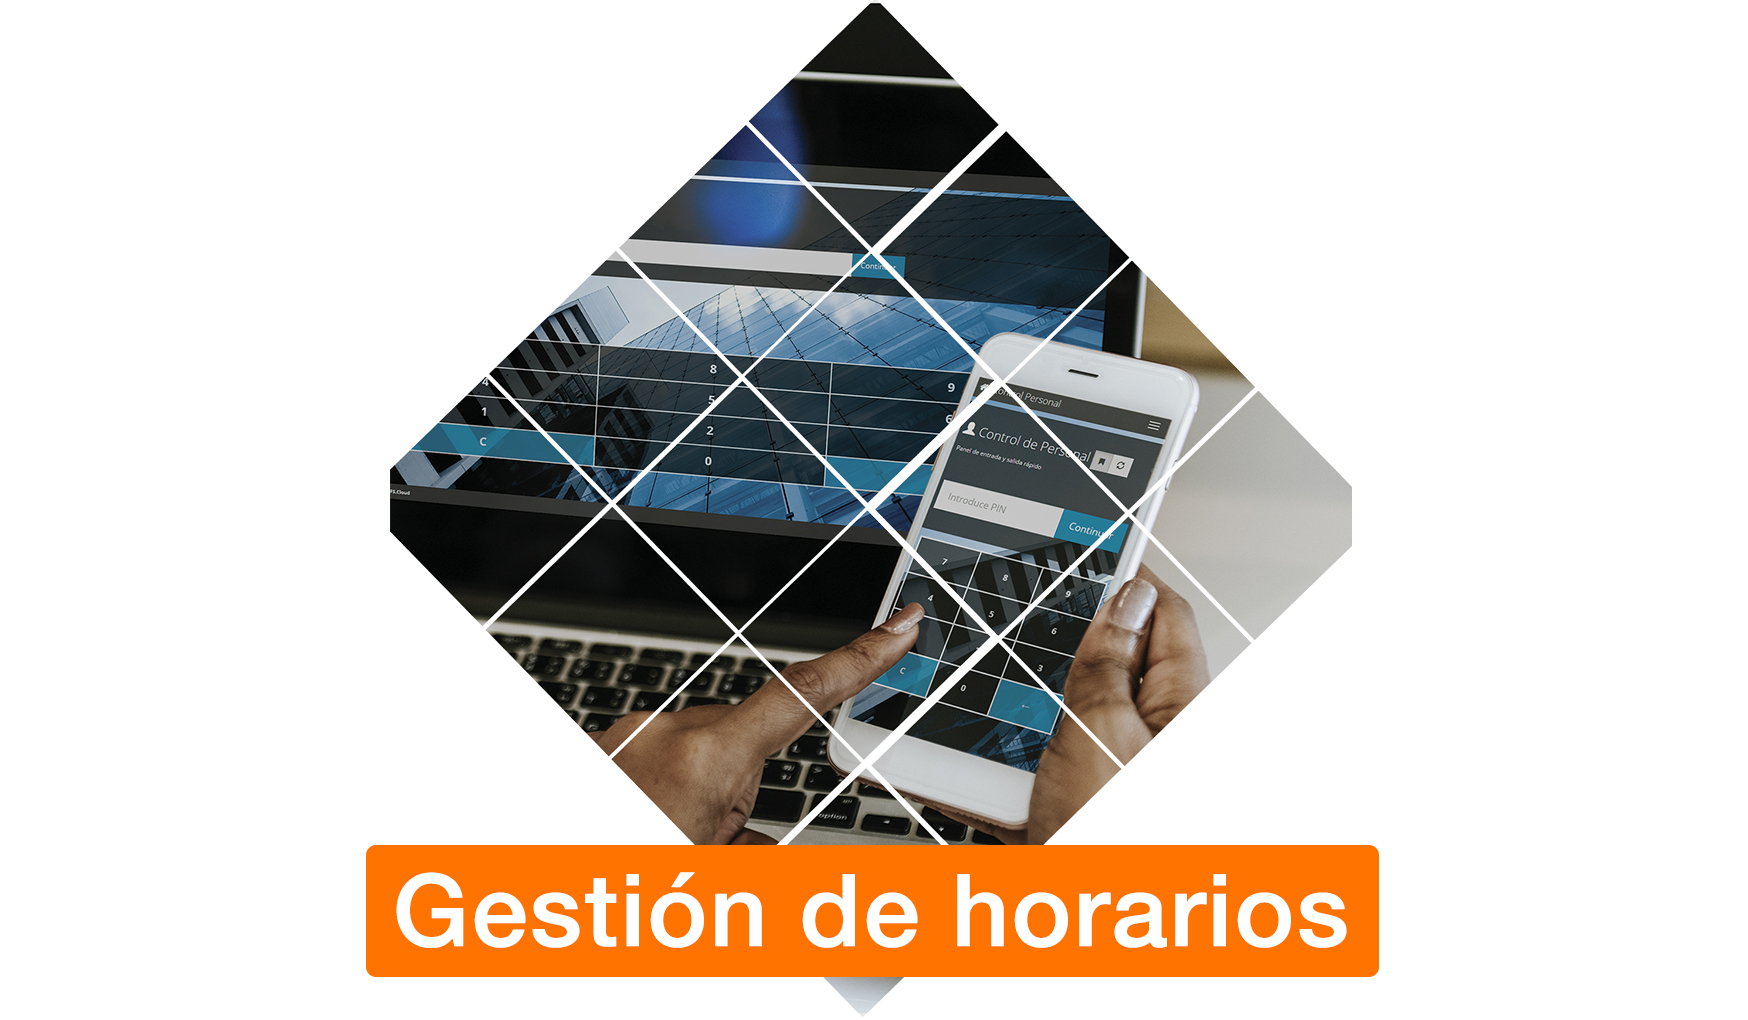 Folleto ''Gestion de horarios - El Rosario''